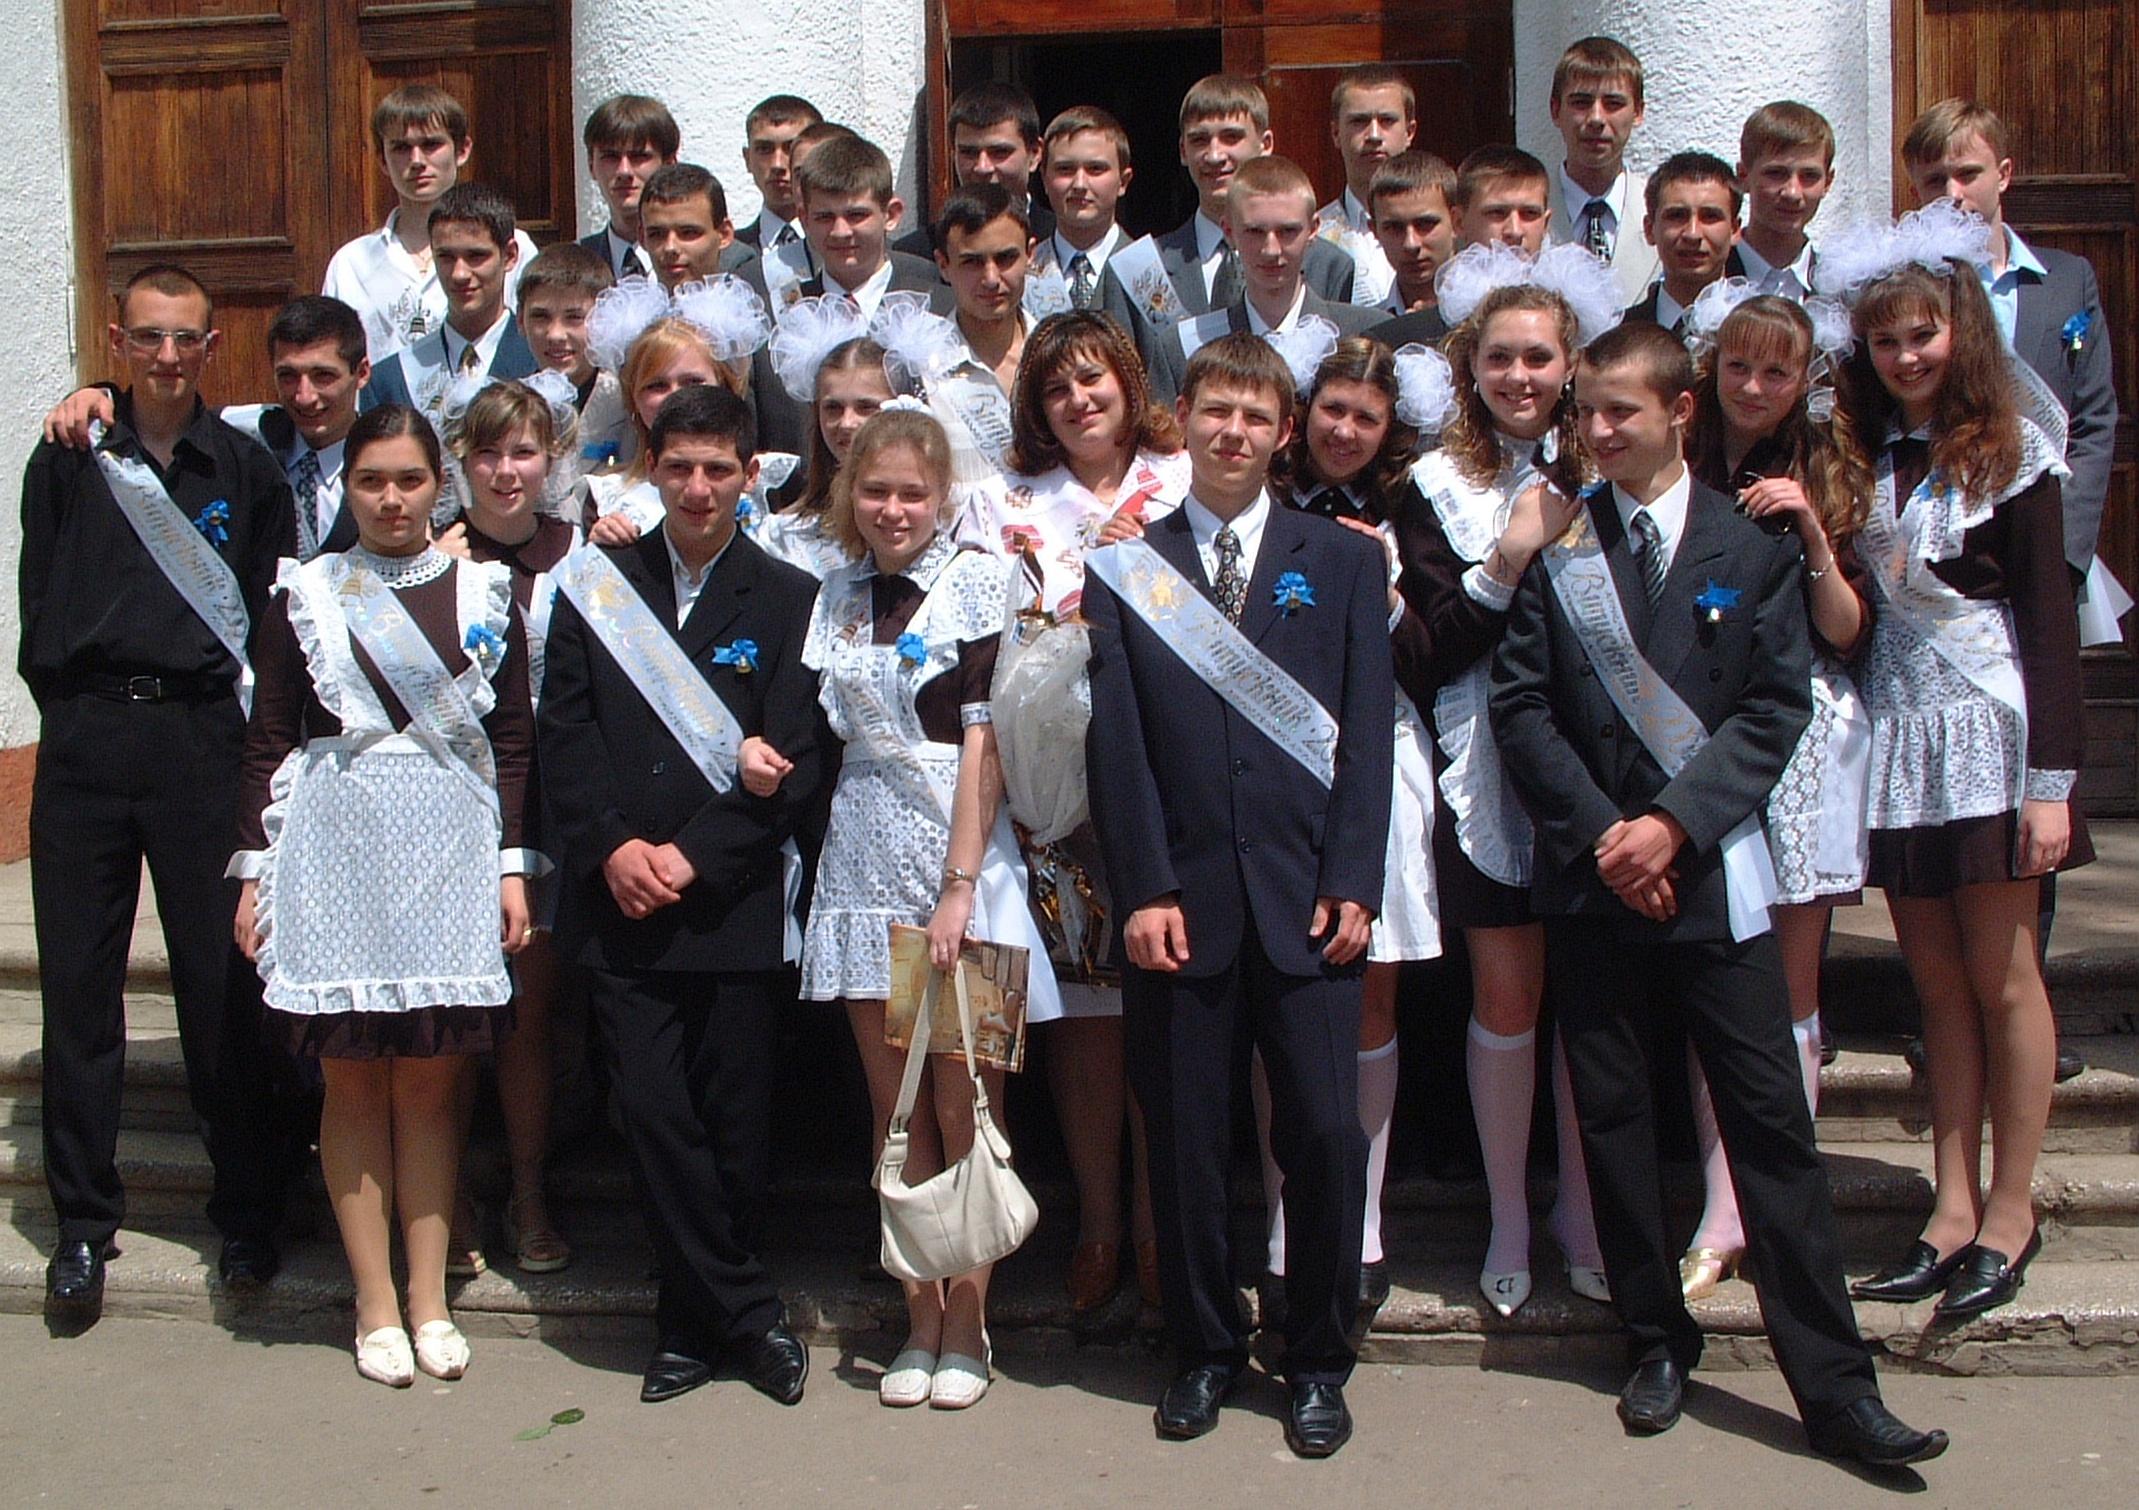 Полтавська гімназія 9 Випуск 2004 11-А Пилипенко Людмила Олександрівна